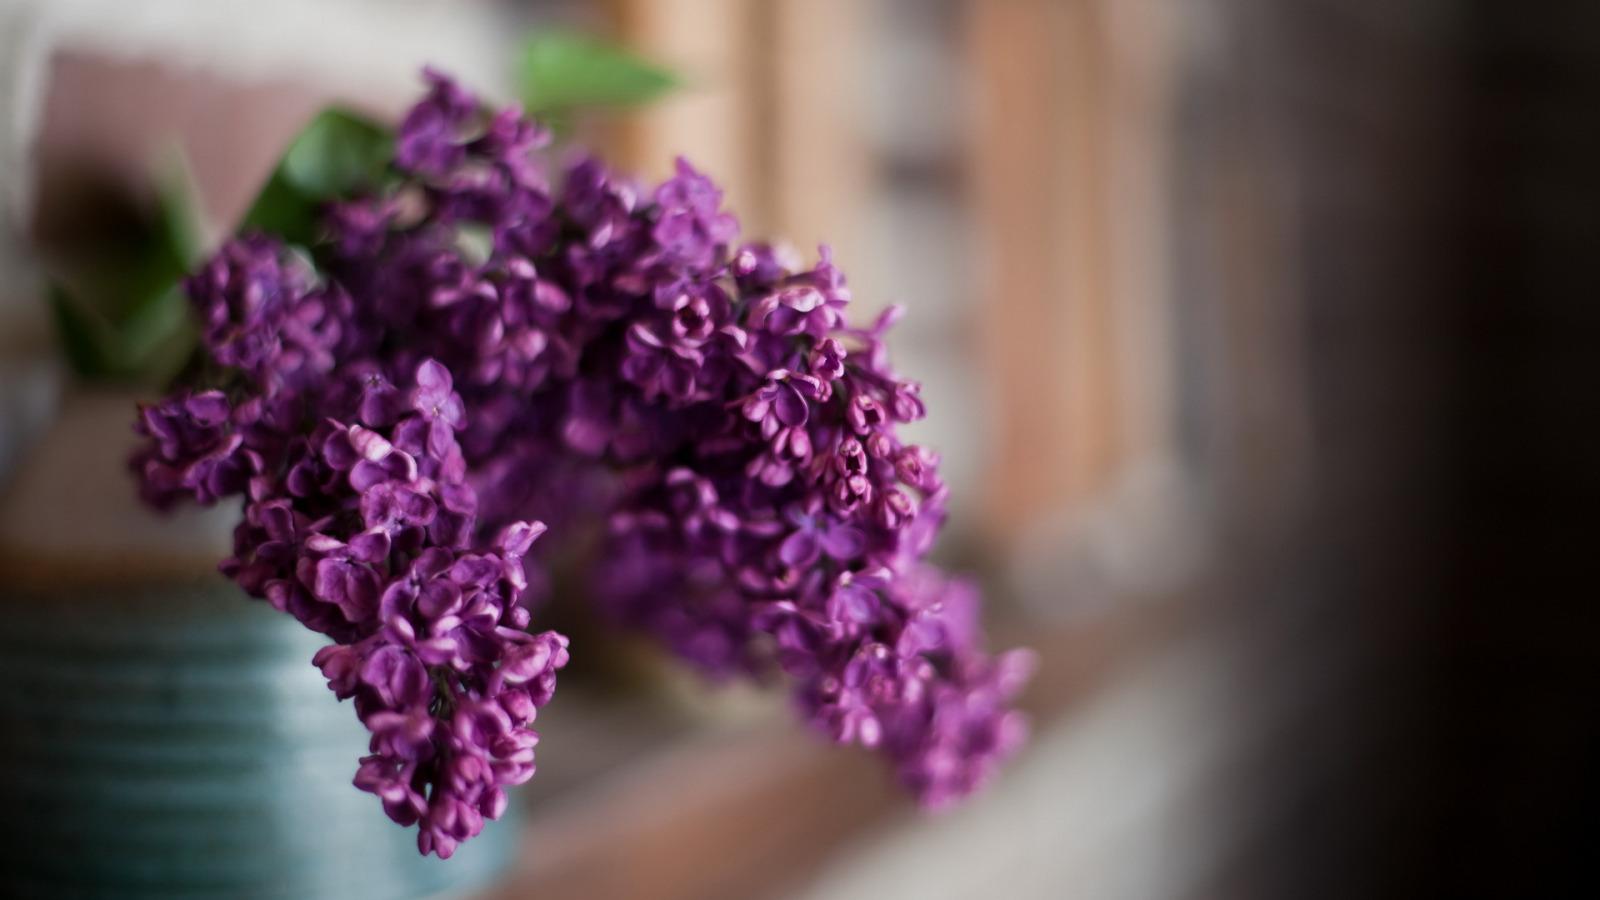 природа цветы ваза сирень  № 3063907 бесплатно